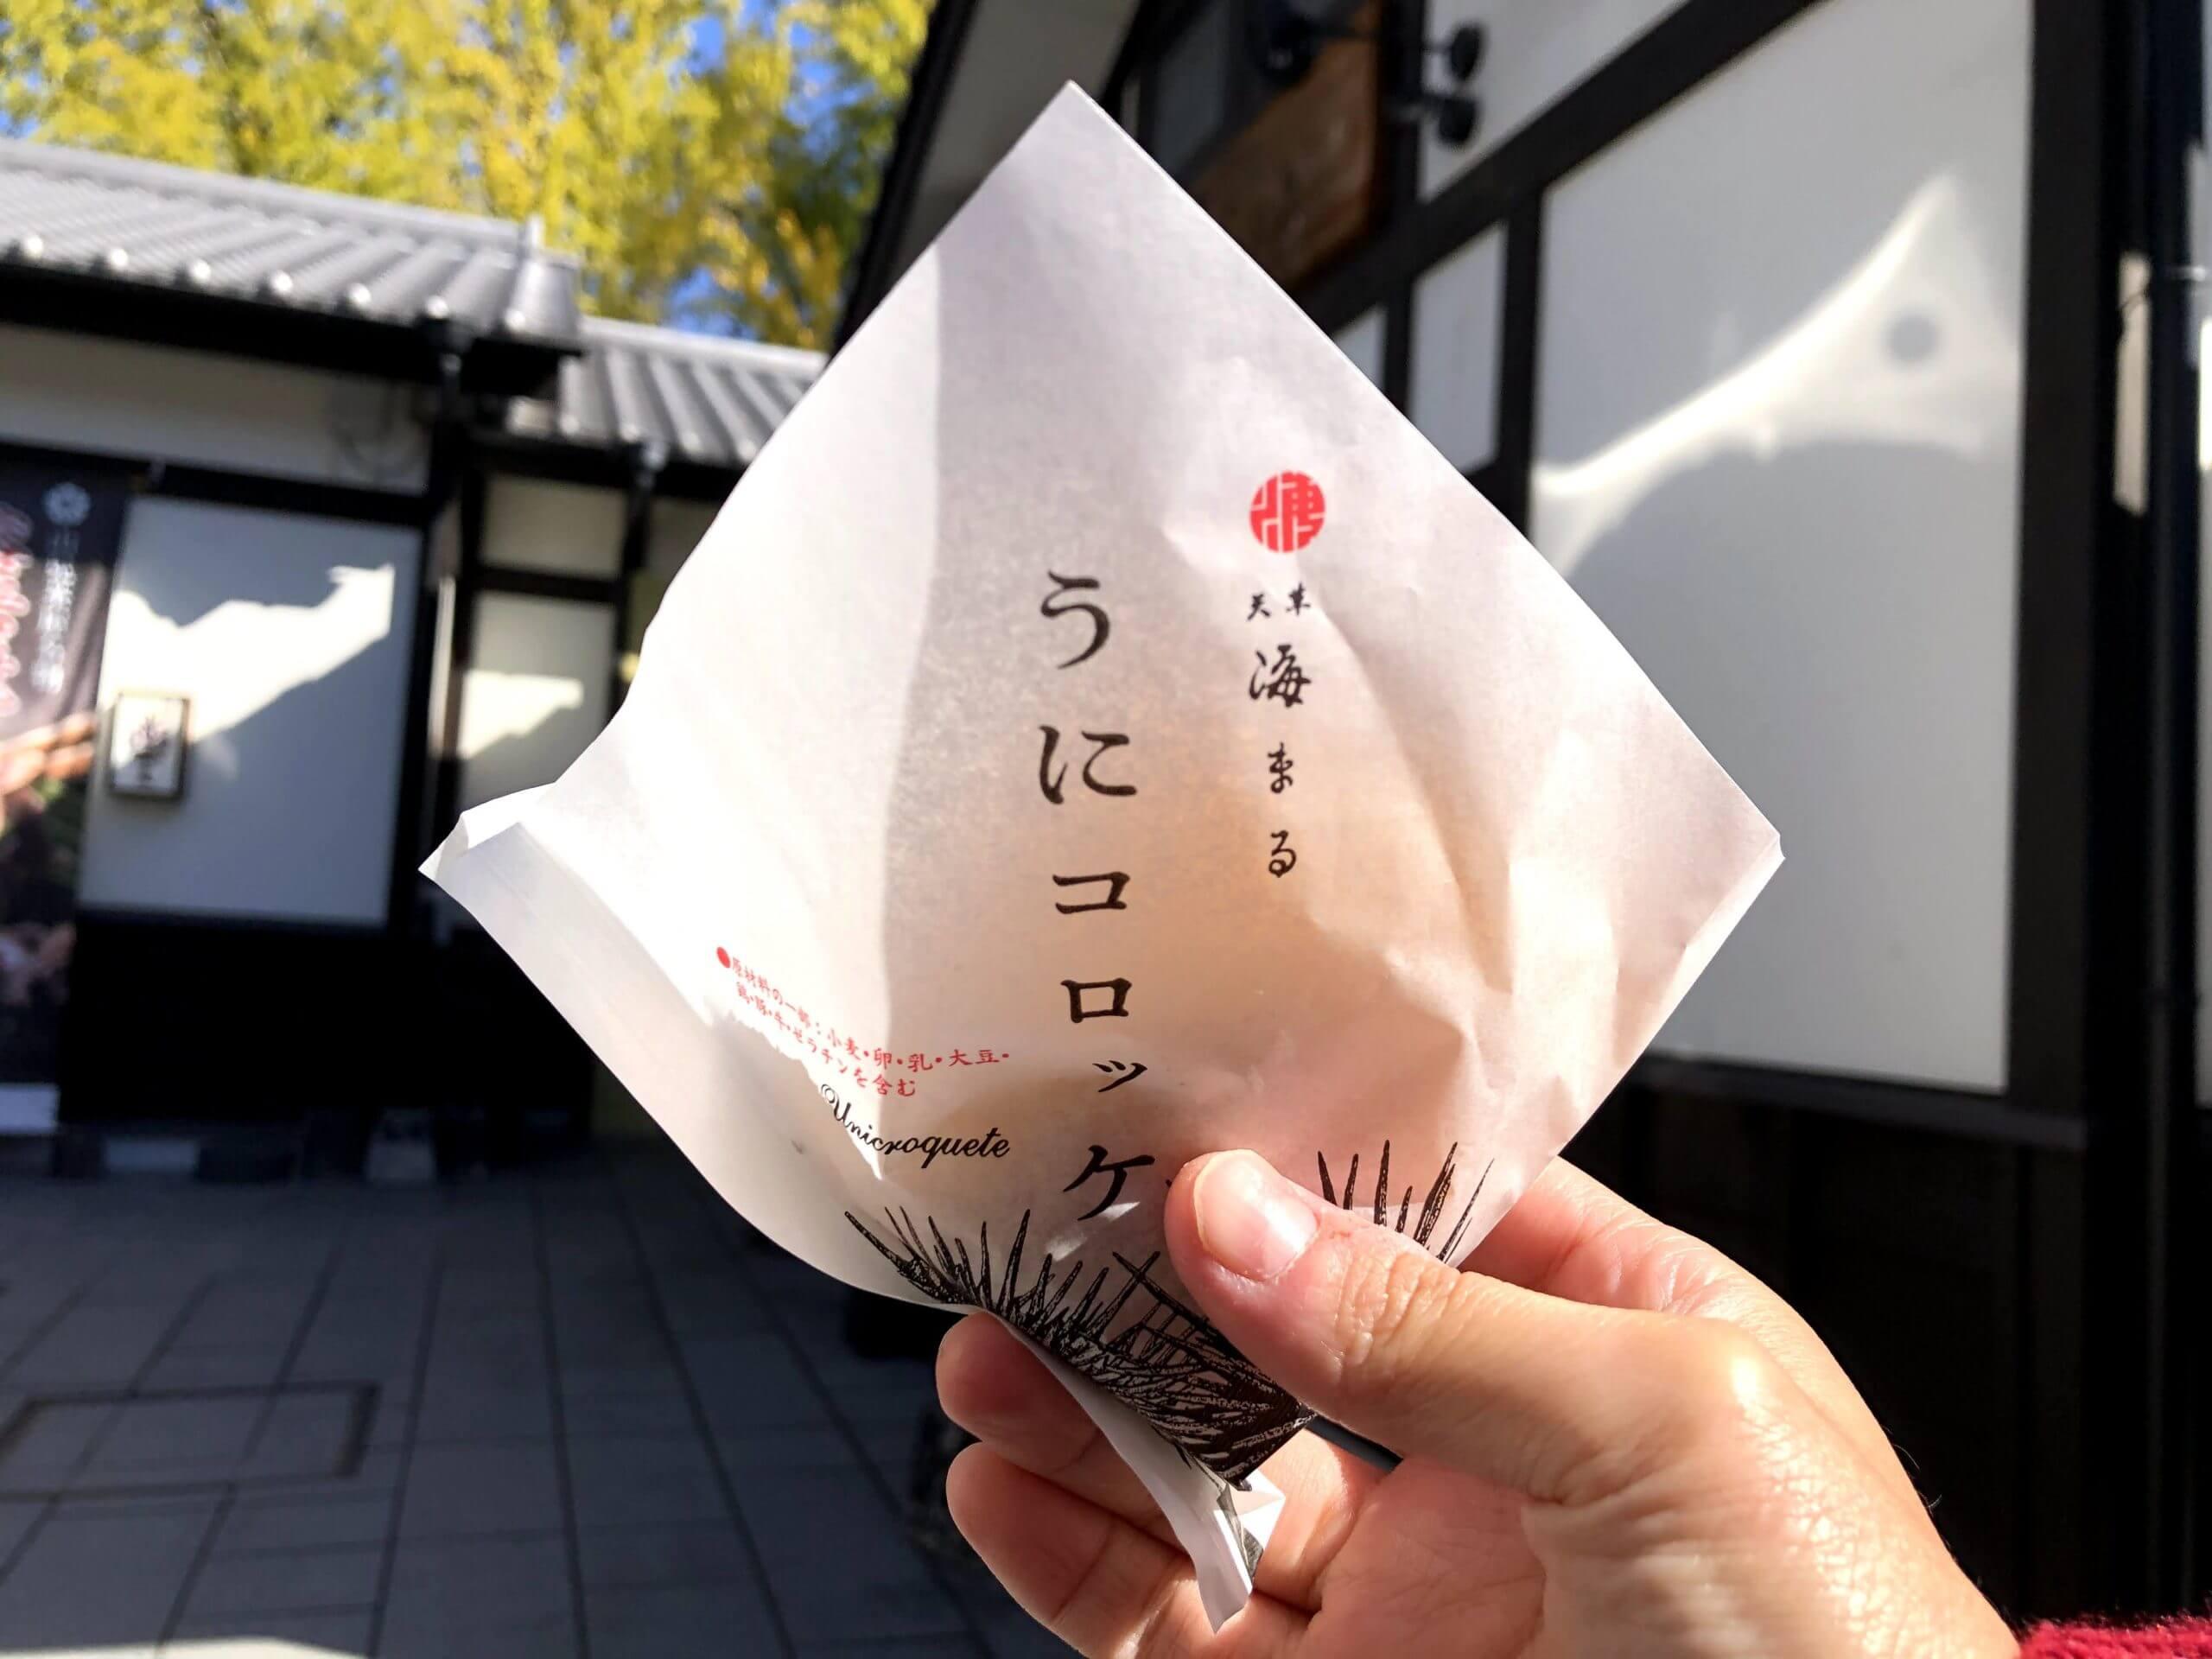 【天草 海まる(カイマル) 熊本城店】とろっとろの贅沢うにコロッケで幸せ噛みしめれます《熊本市中央区二の丸》